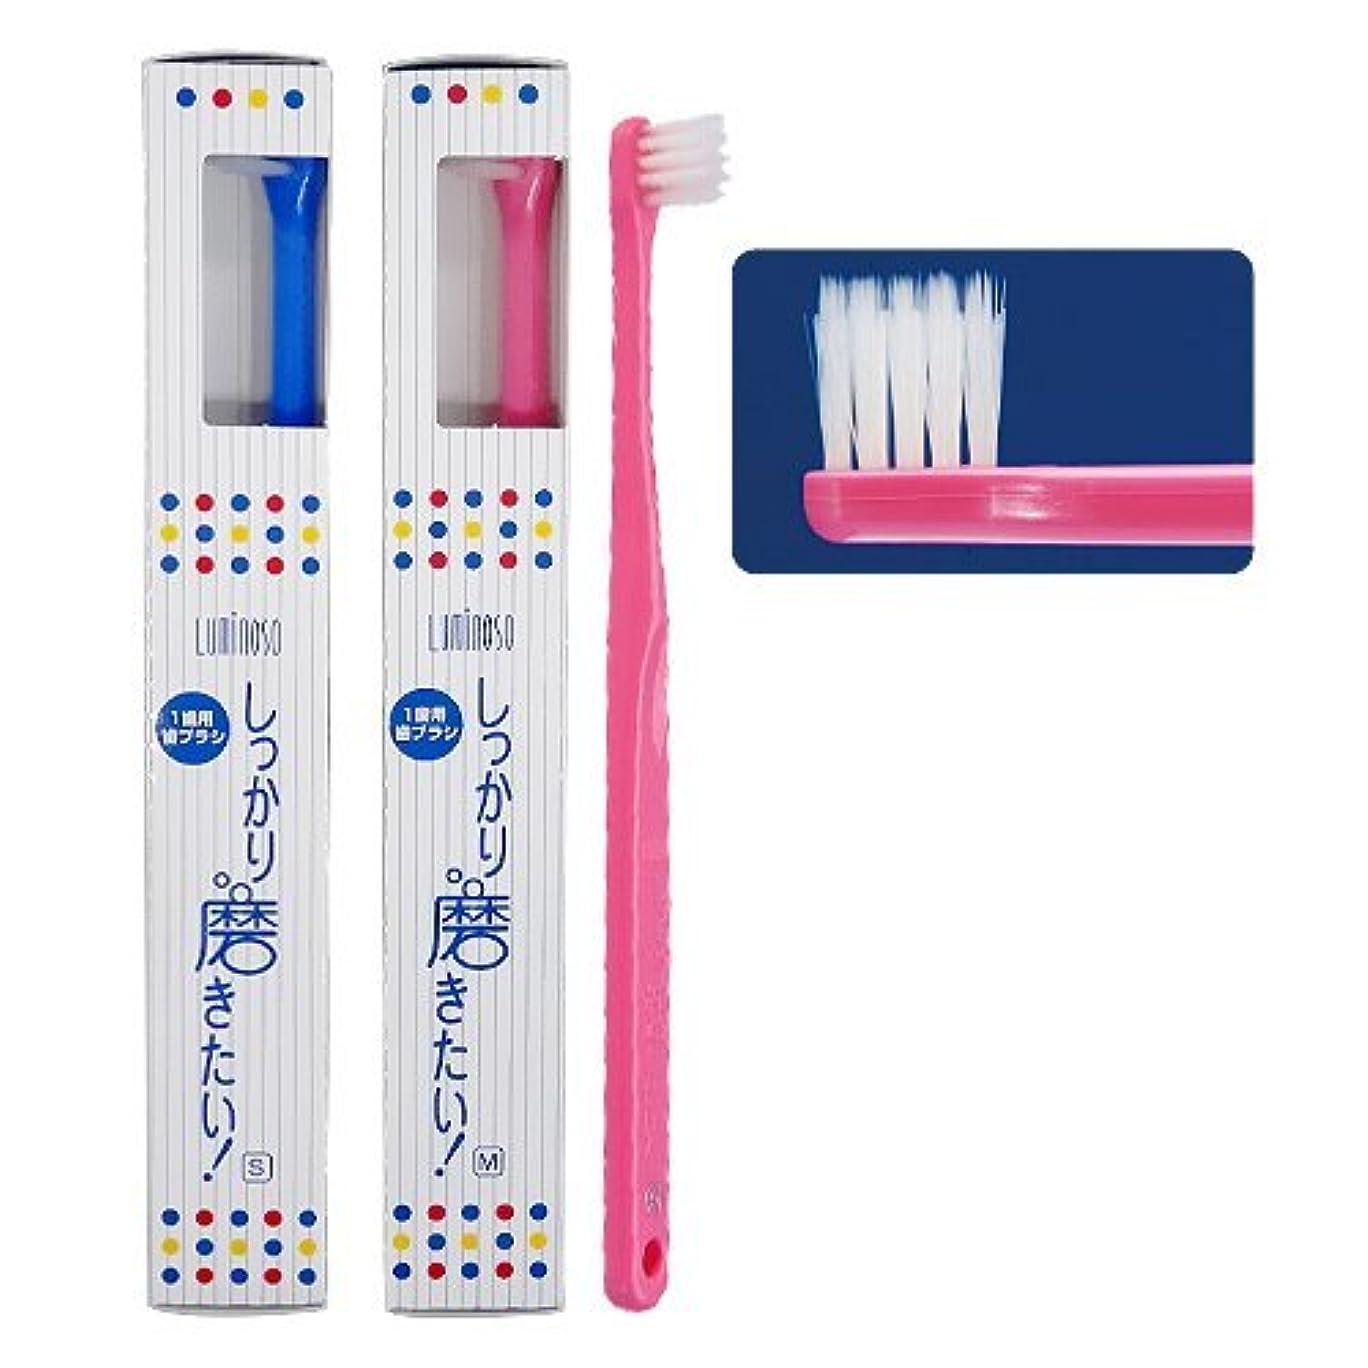 一瞬照らすあごルミノソ 1歯用歯ブラシ「しっかり磨きたい!」スタンダード ミディアム (カラー指定不可) 3本